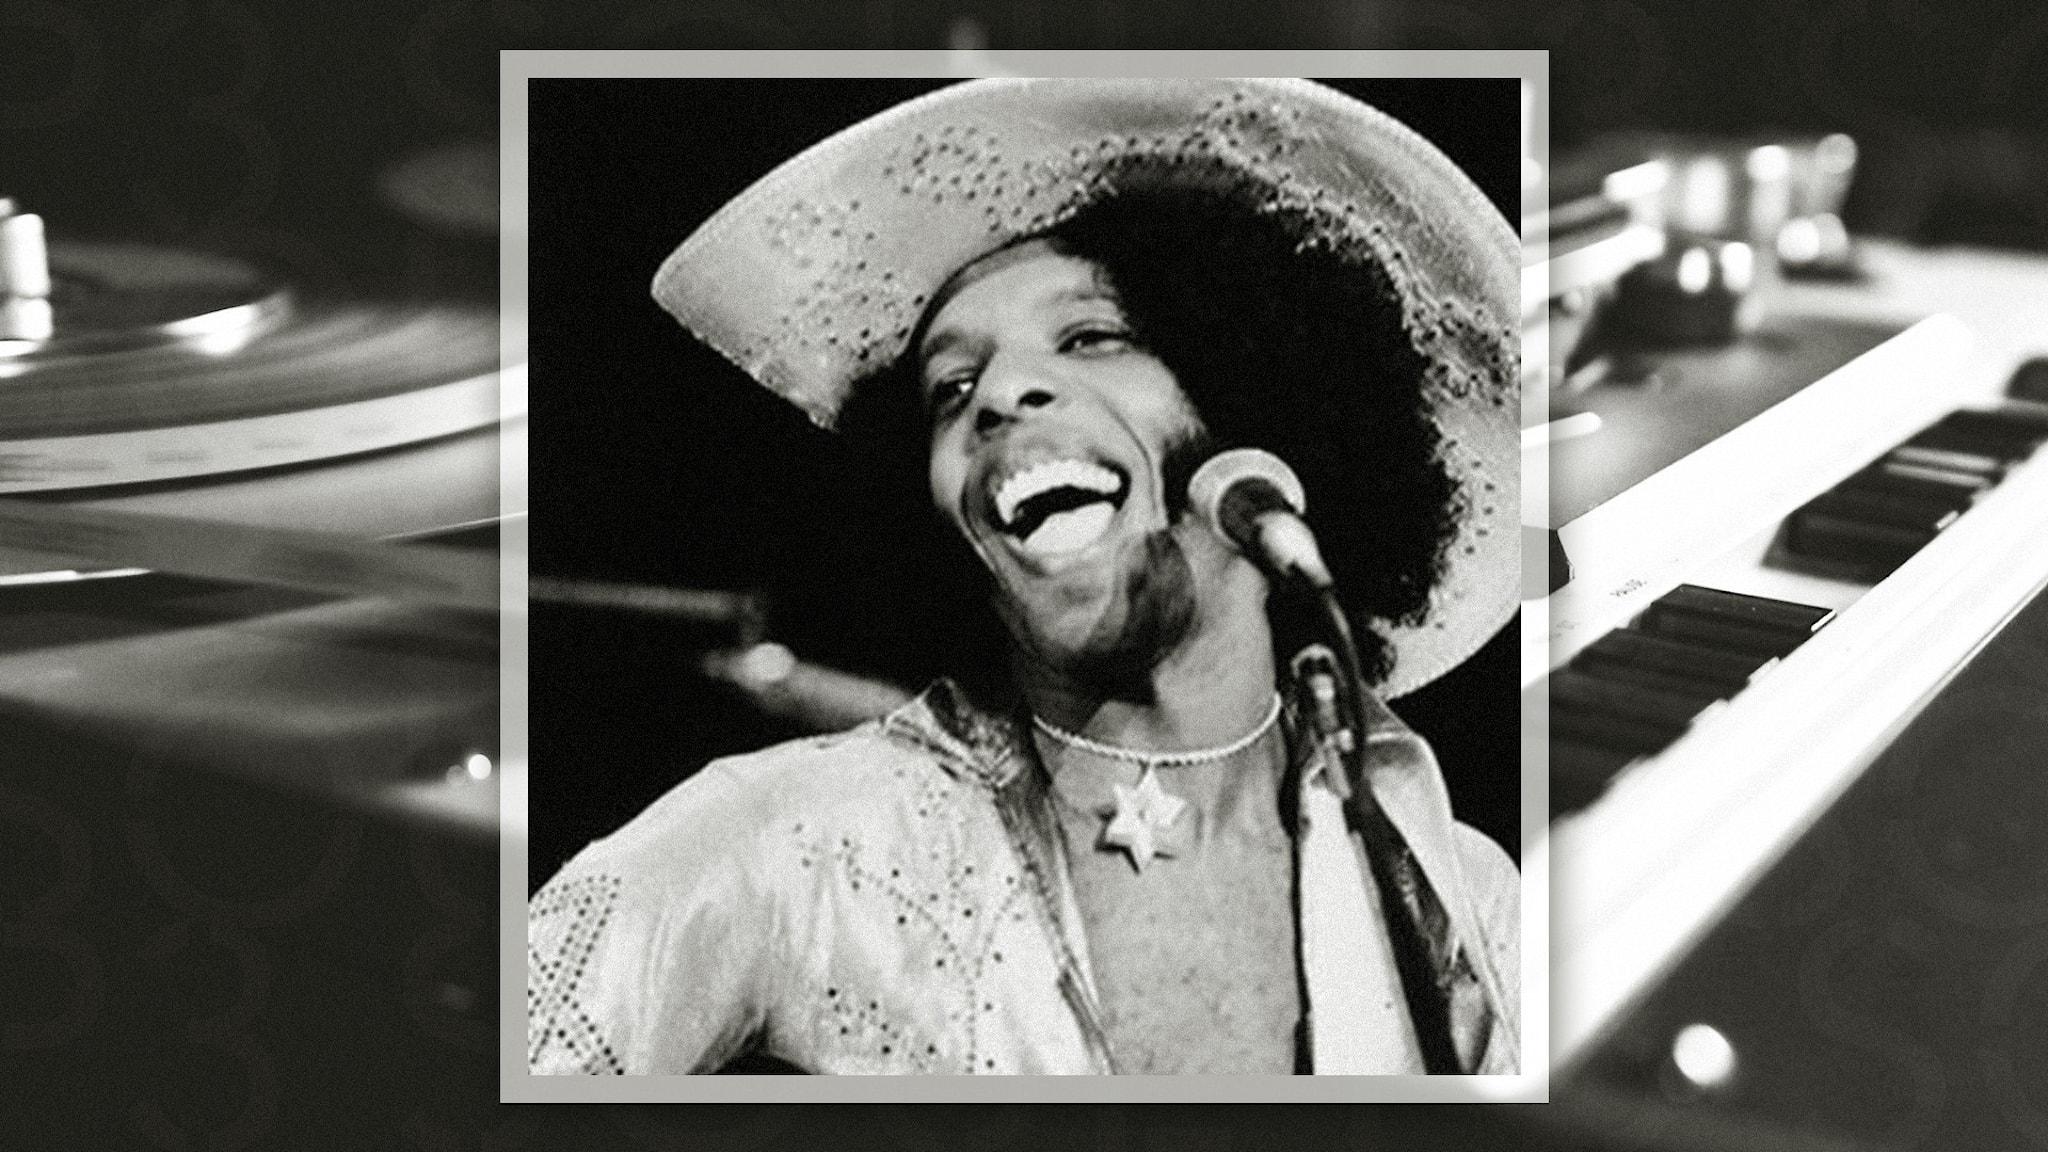 Artisten Sly Stone